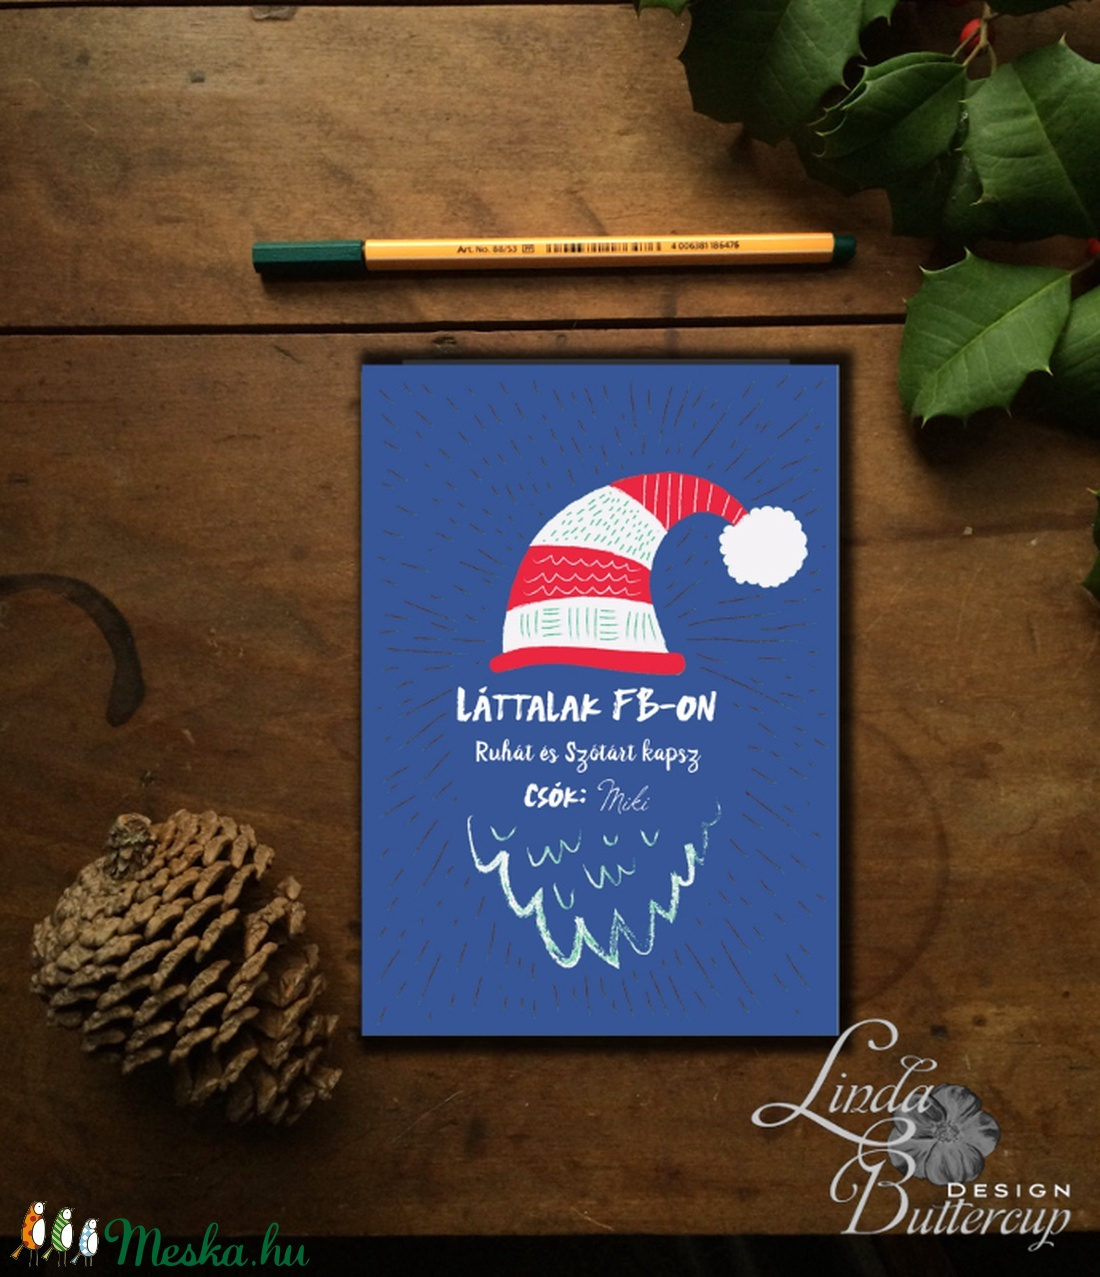 Vicces Karácsonyi Képeslap, Humorors, Modern, Adventi kártya, Vicces lap, üdvözlőlap, ironikus, szarkasztikus - karácsony - karácsonyi ajándékozás - karácsonyi képeslap, üdvözlőlap, ajándékkísérő - Meska.hu